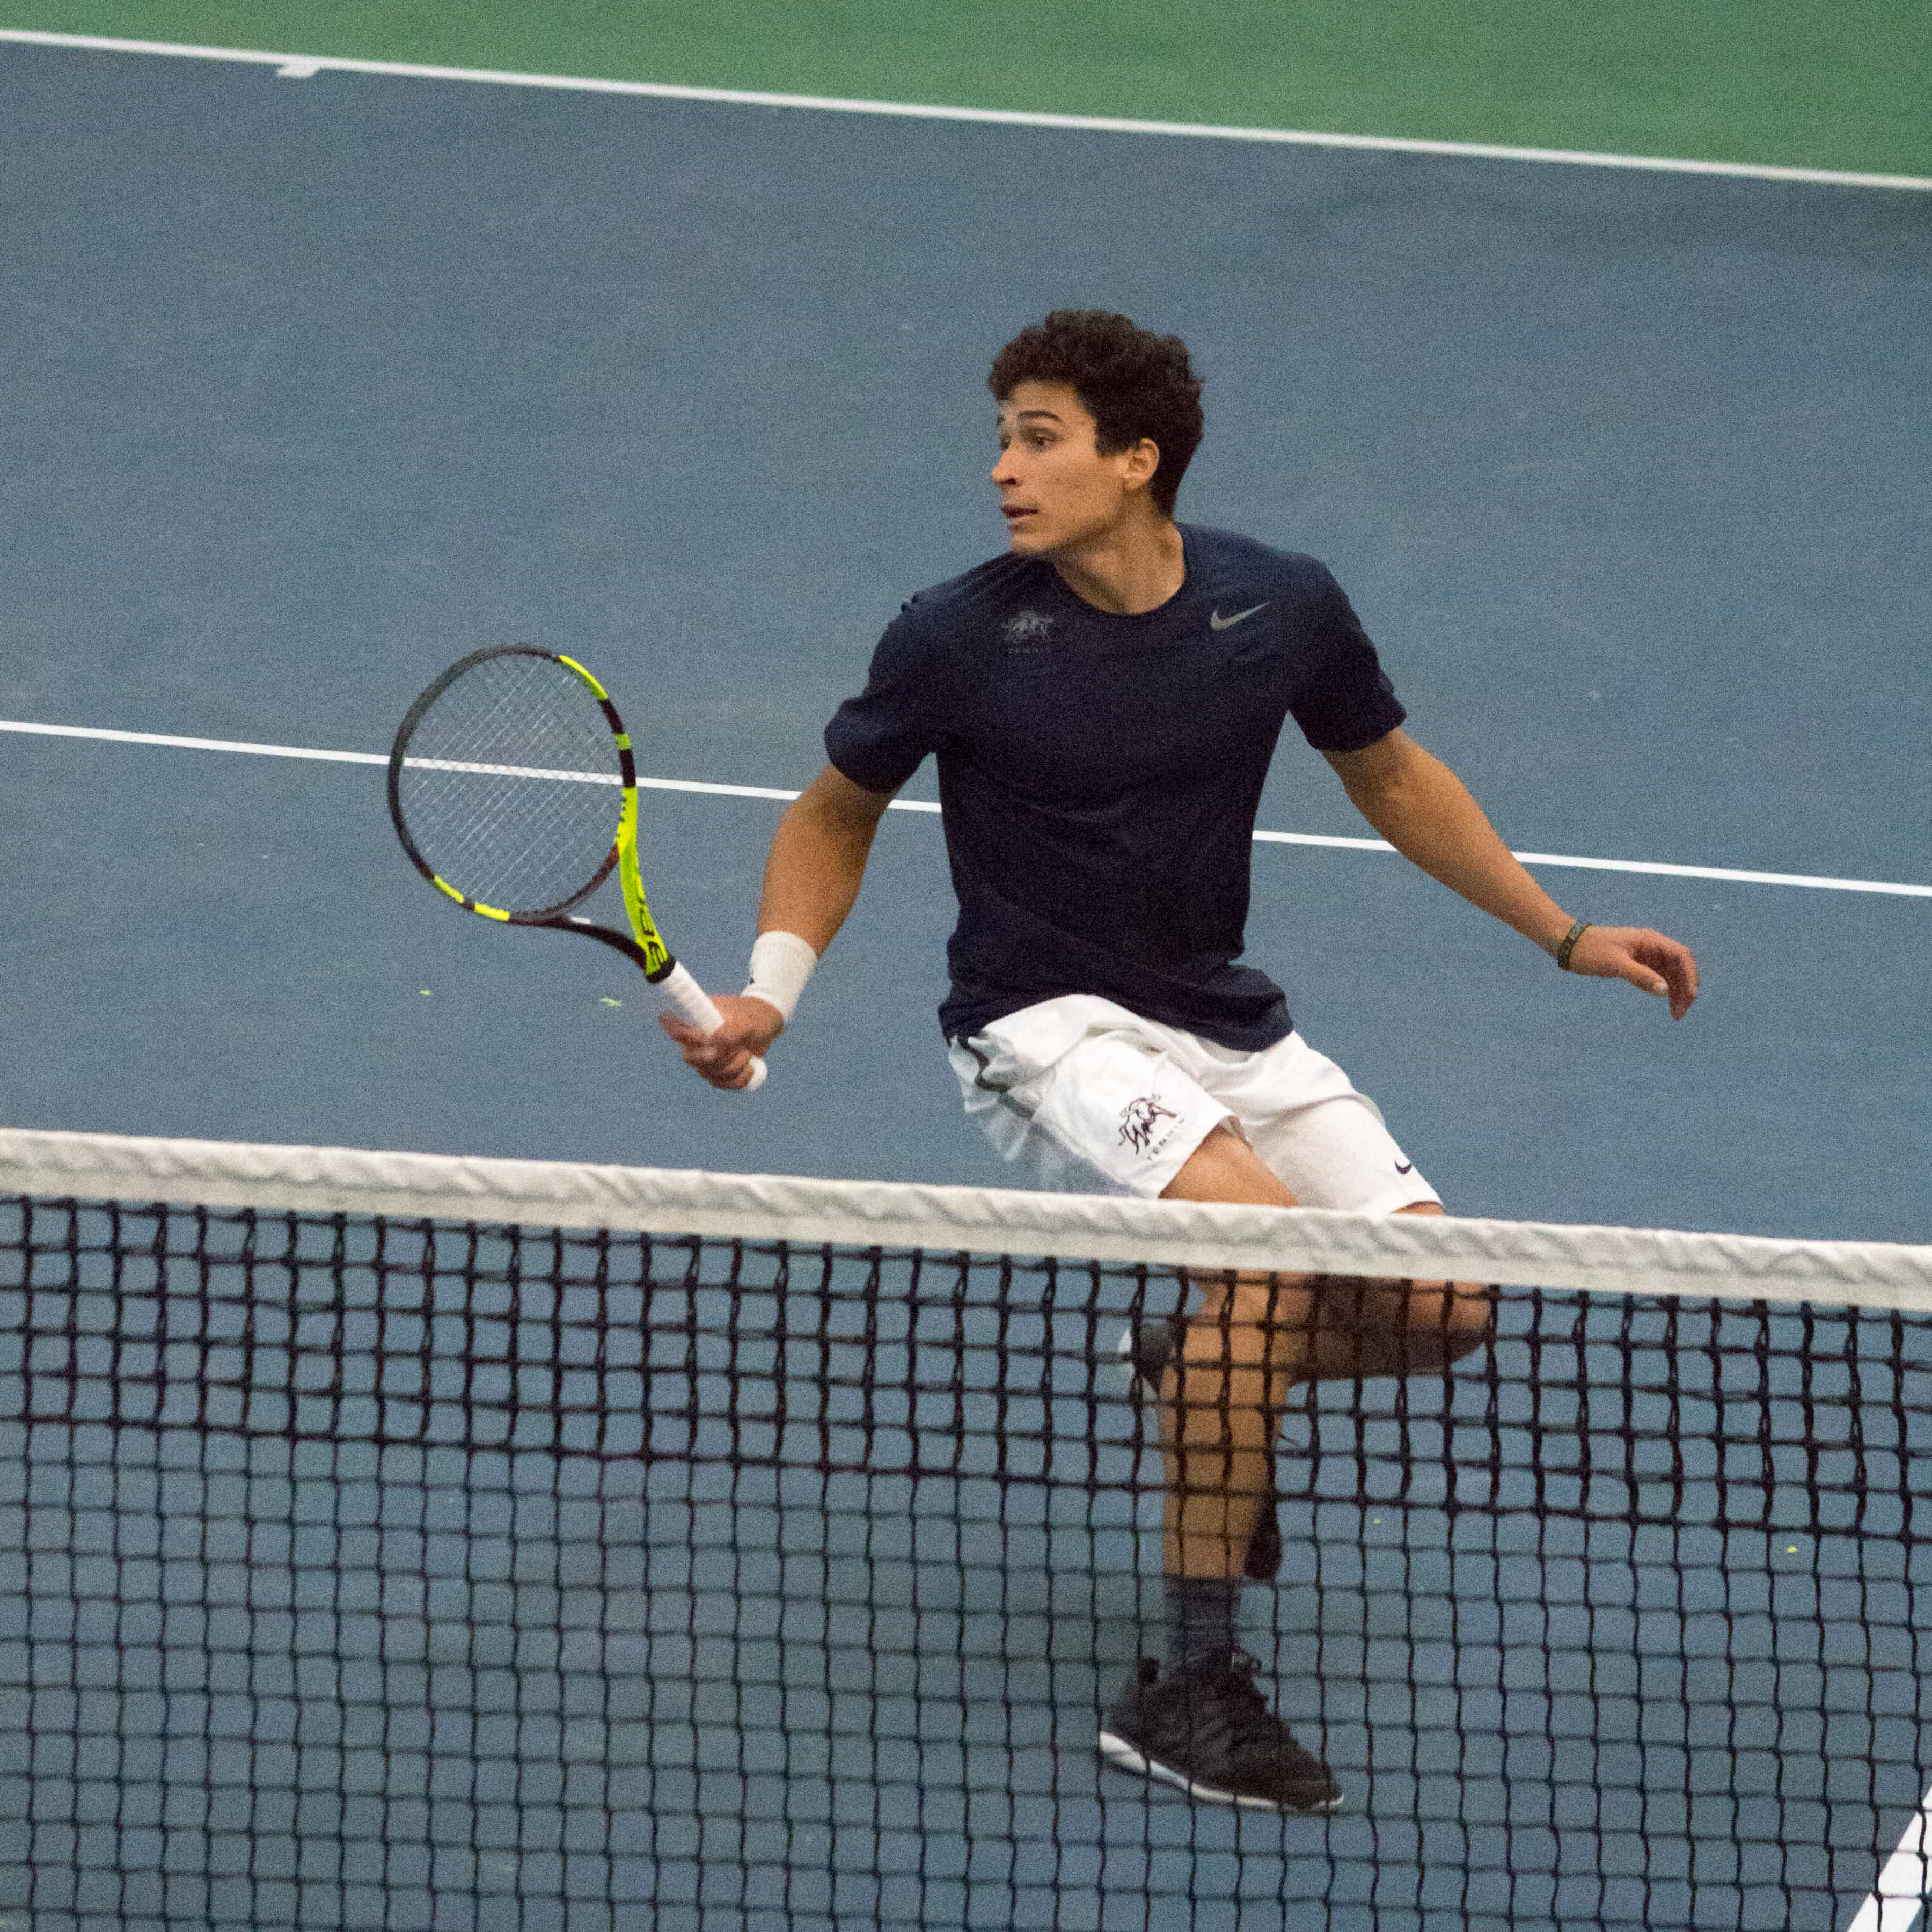 mens tennis clinch share - HD3600×3600